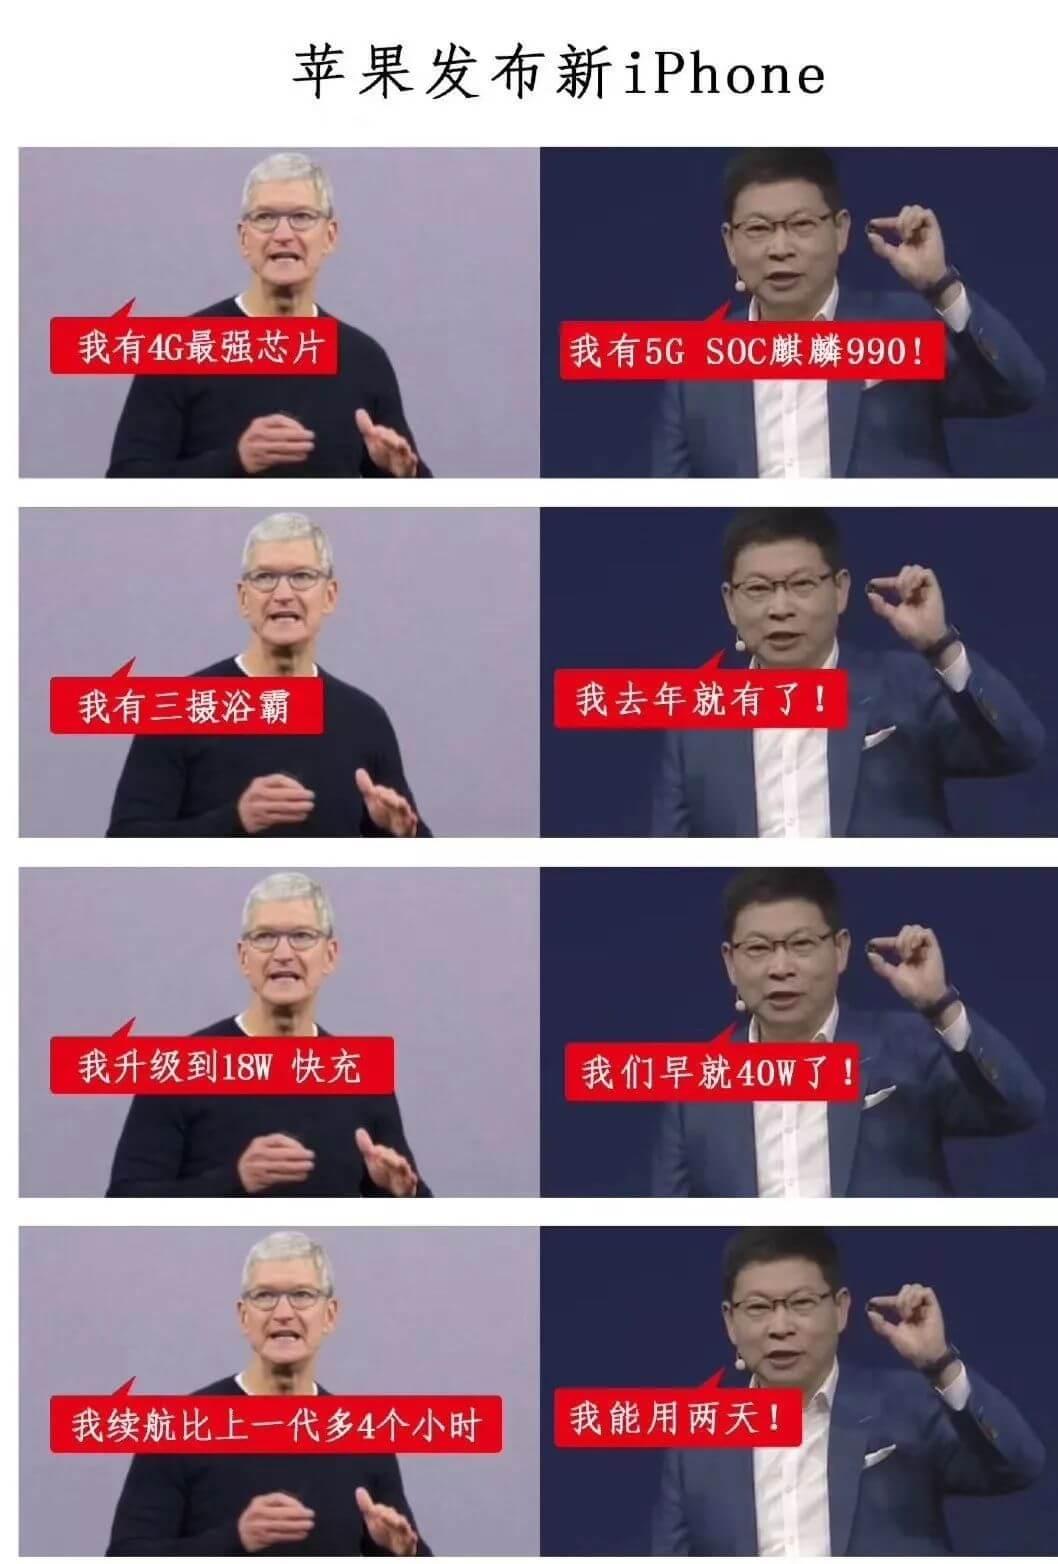 网友对苹果和华为的调侃图